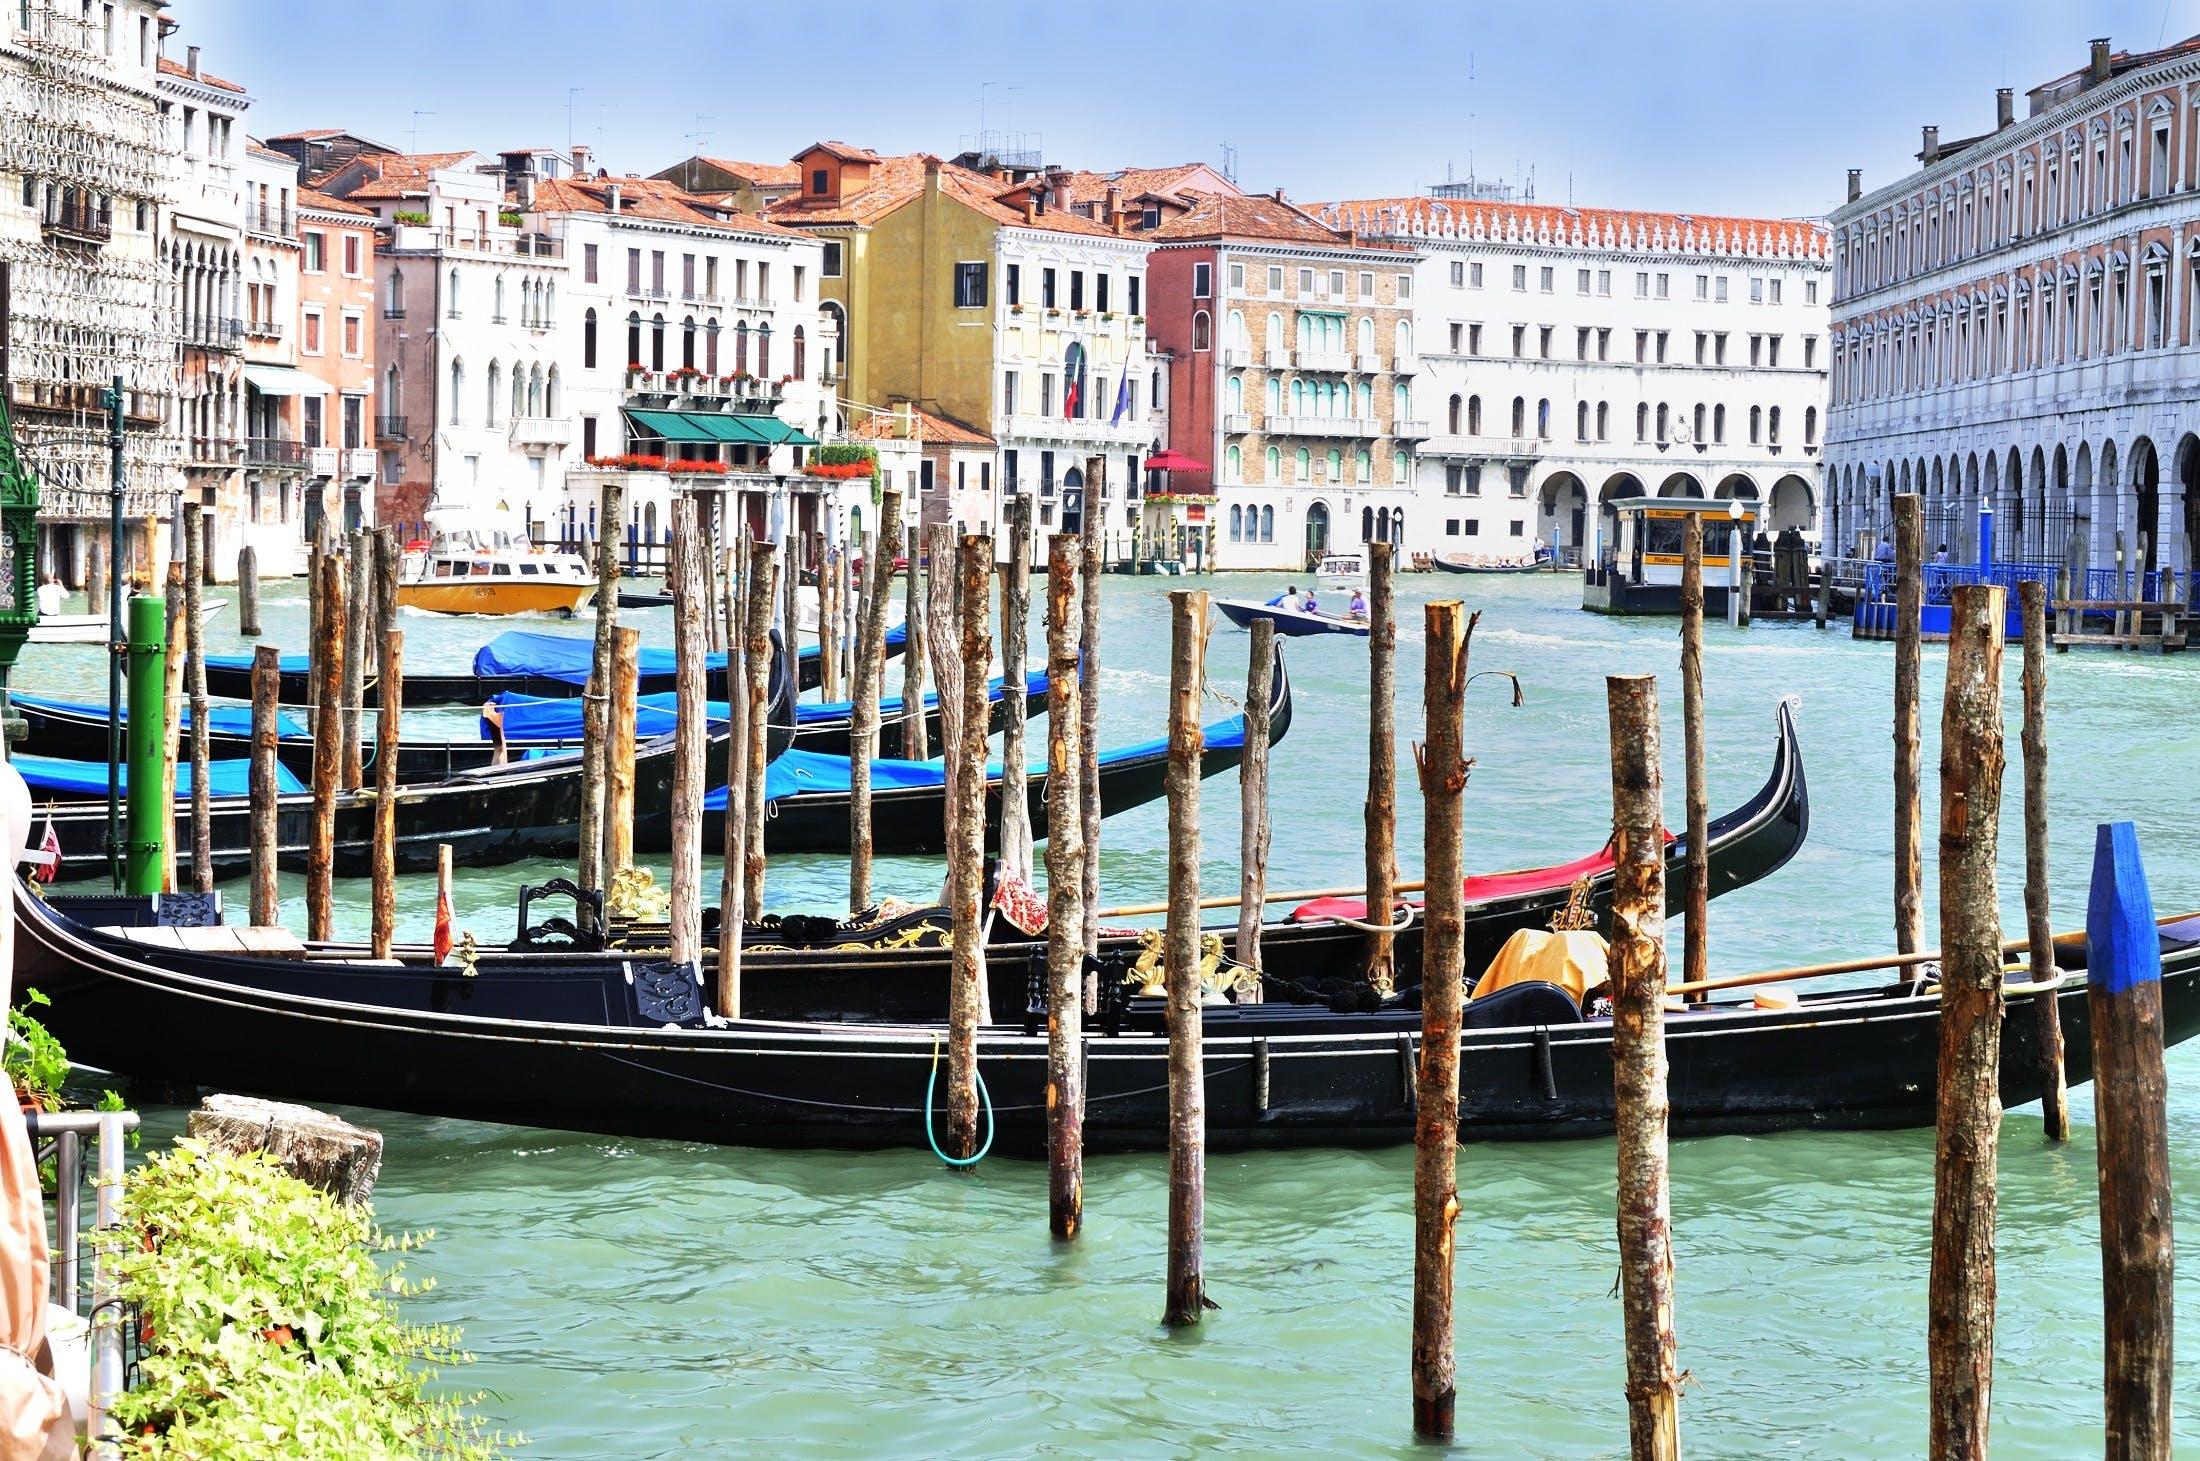 イタリア, ウォータークラフト, ドック, ベネチアの無料の写真素材